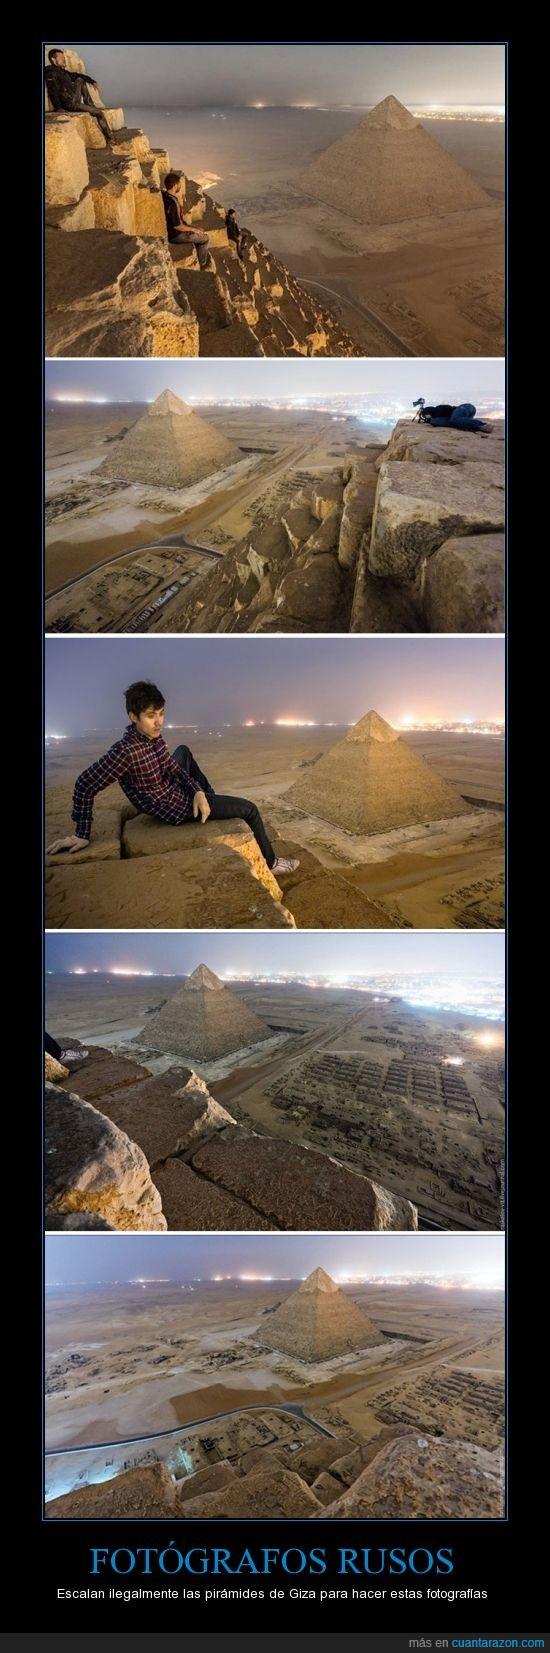 de Giza,Egipto,fotografos rusos,impresionante,Piramides